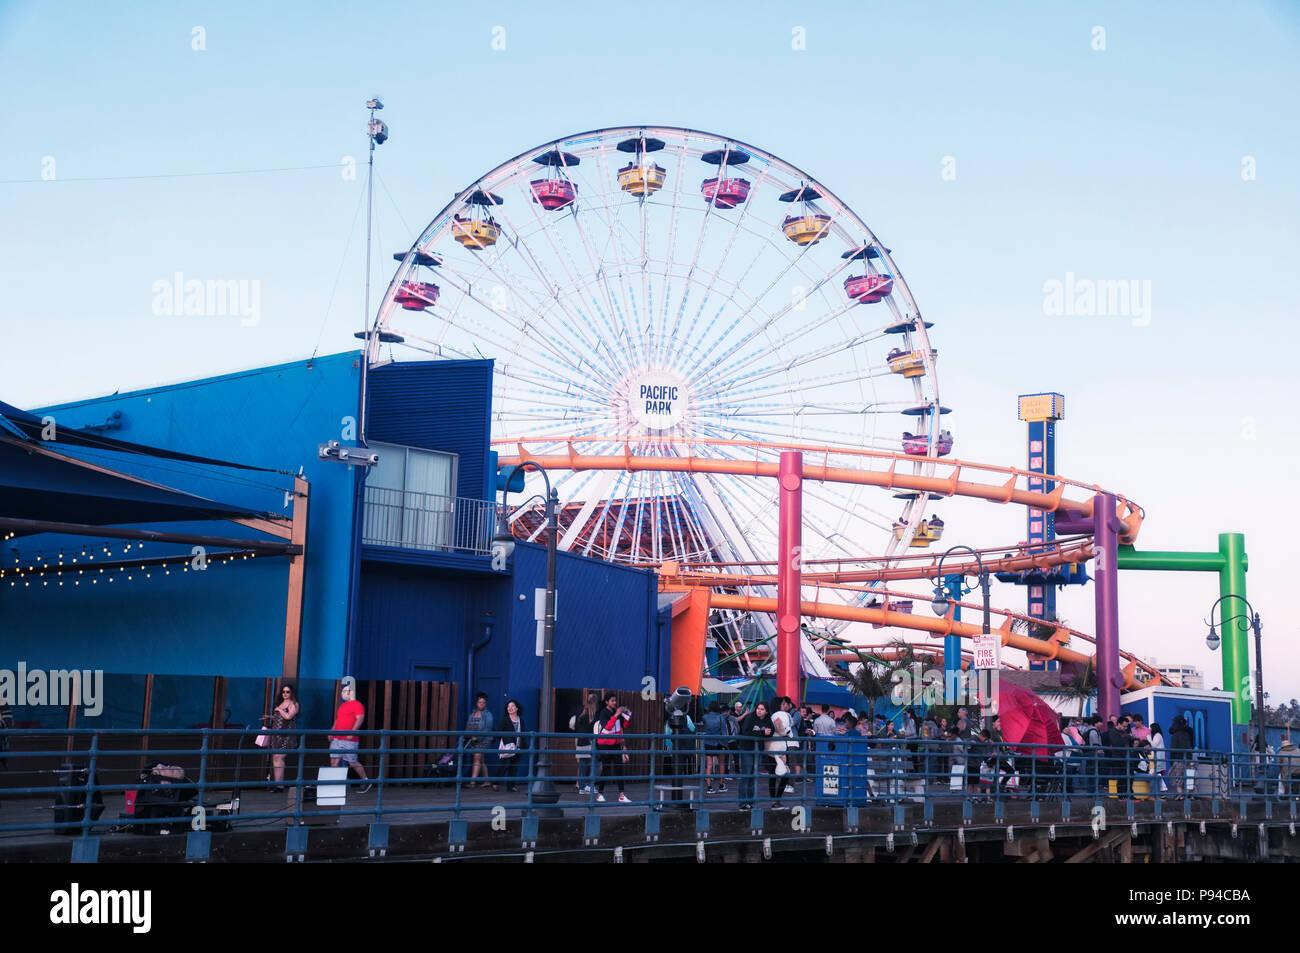 27 de mayo de 2017. Santa Monica, California. La rueda de la fortuna en el Pacific Park en Santa Monica Pier california iluminado al anochecer. Foto de stock